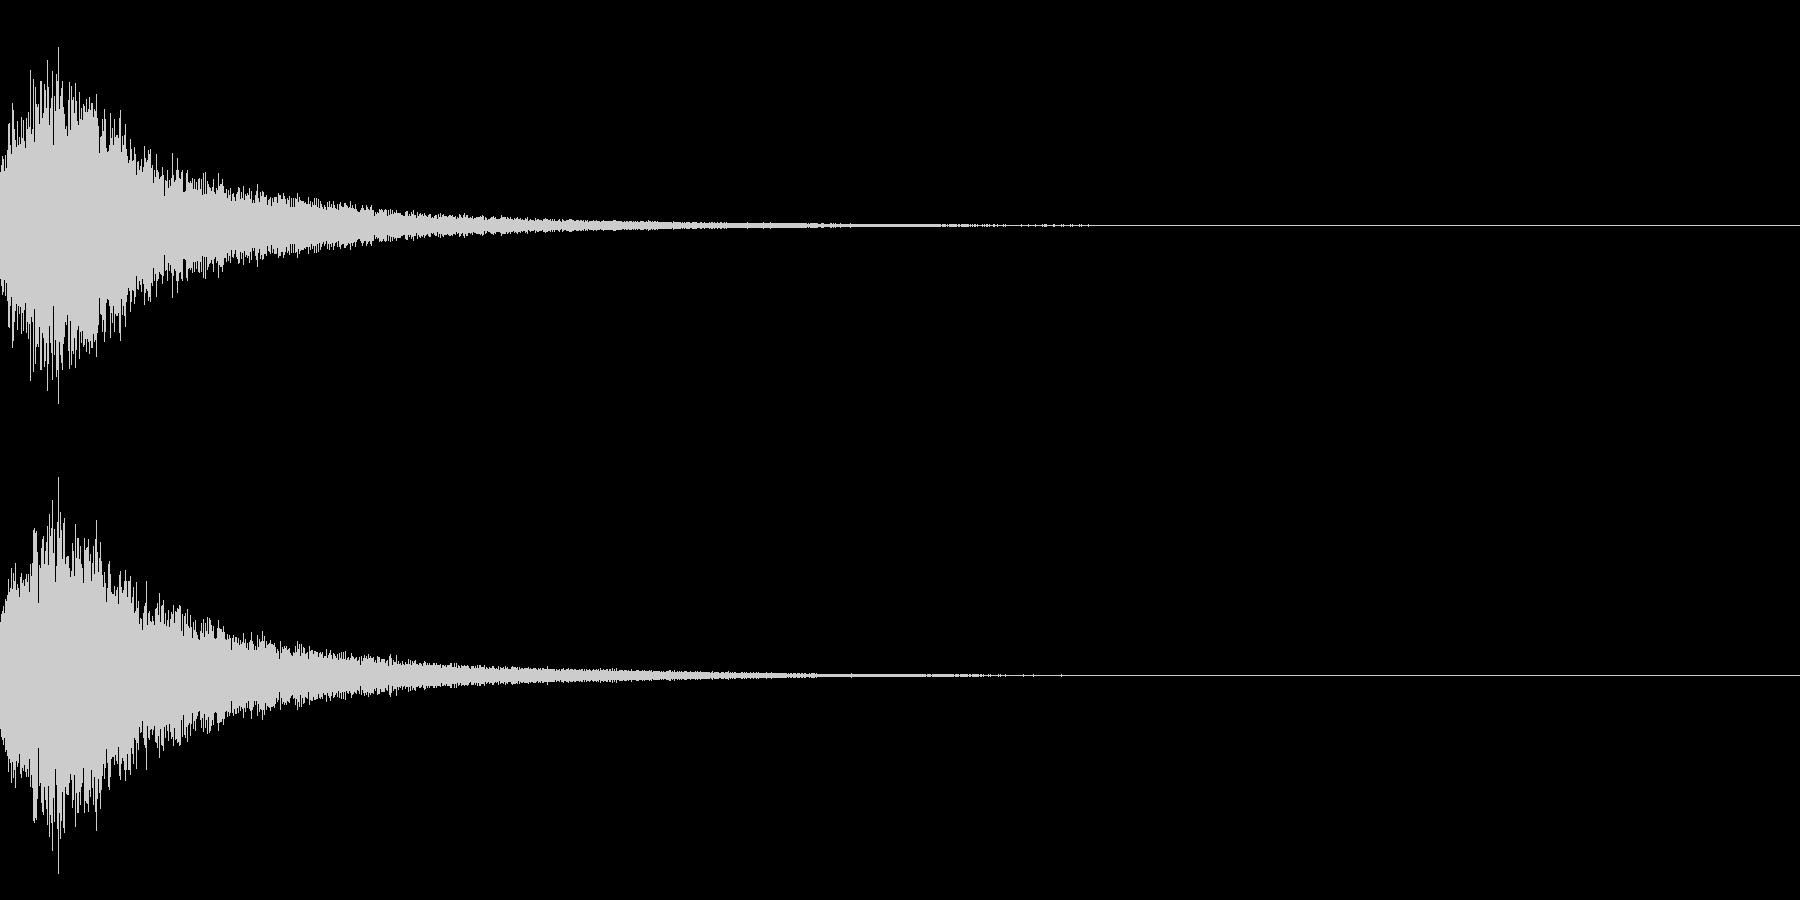 魔法シャキン☆(輝き,魔法ステッキ)33の未再生の波形